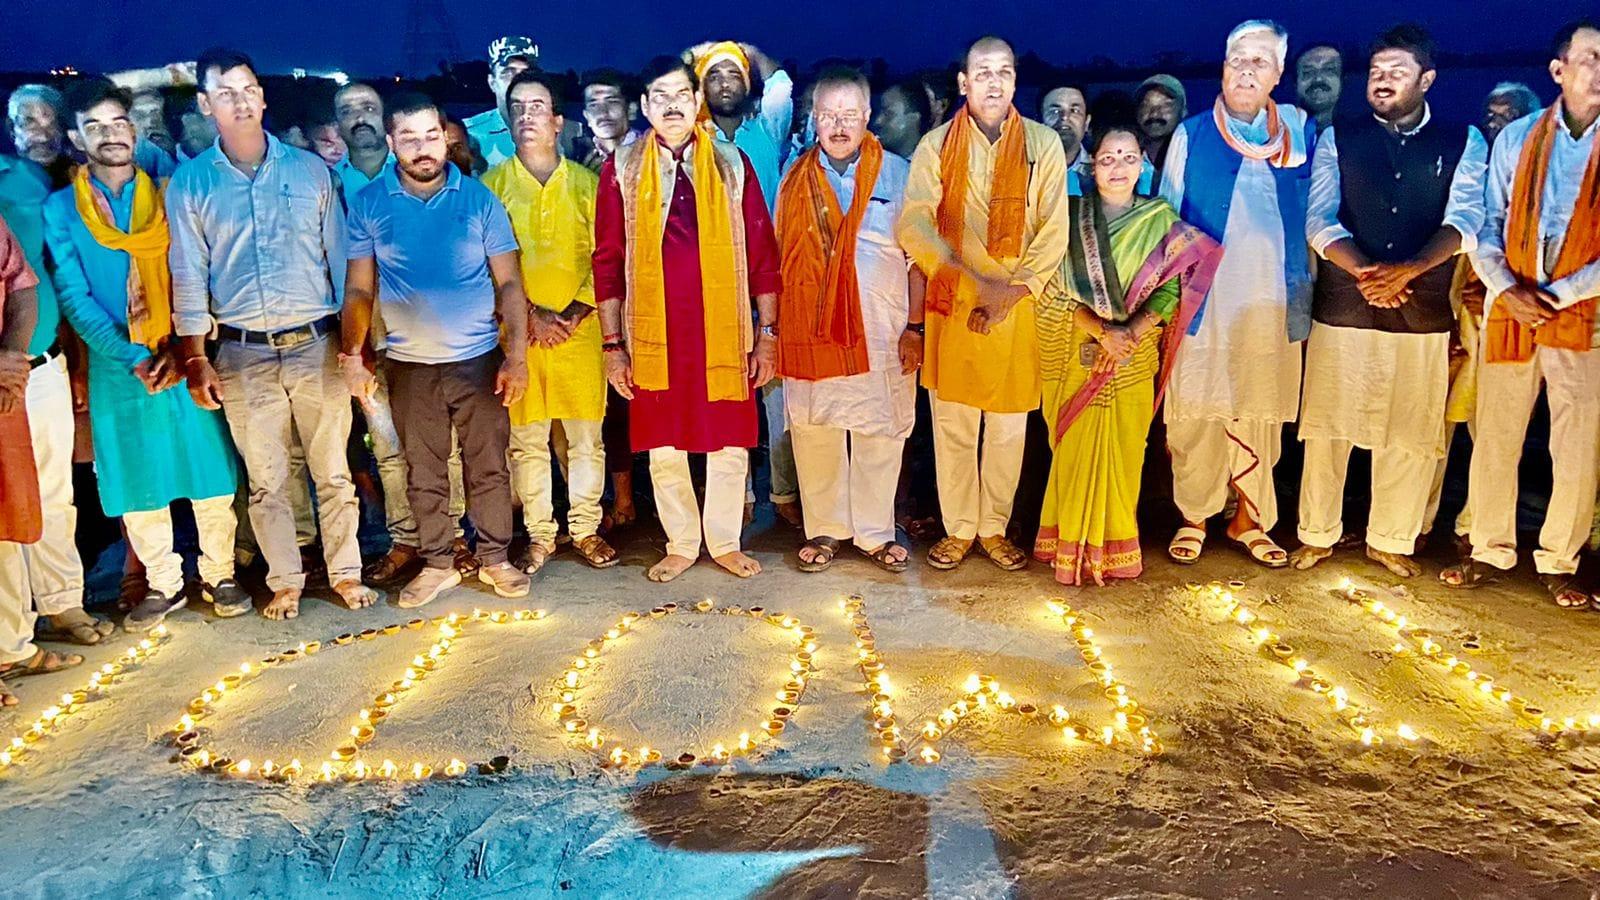 नारायणी रिवरफ्रंट पर 1071 दीपक जलाकर मनाया गया प्रधानमंत्री मोदी का जन्मदिन